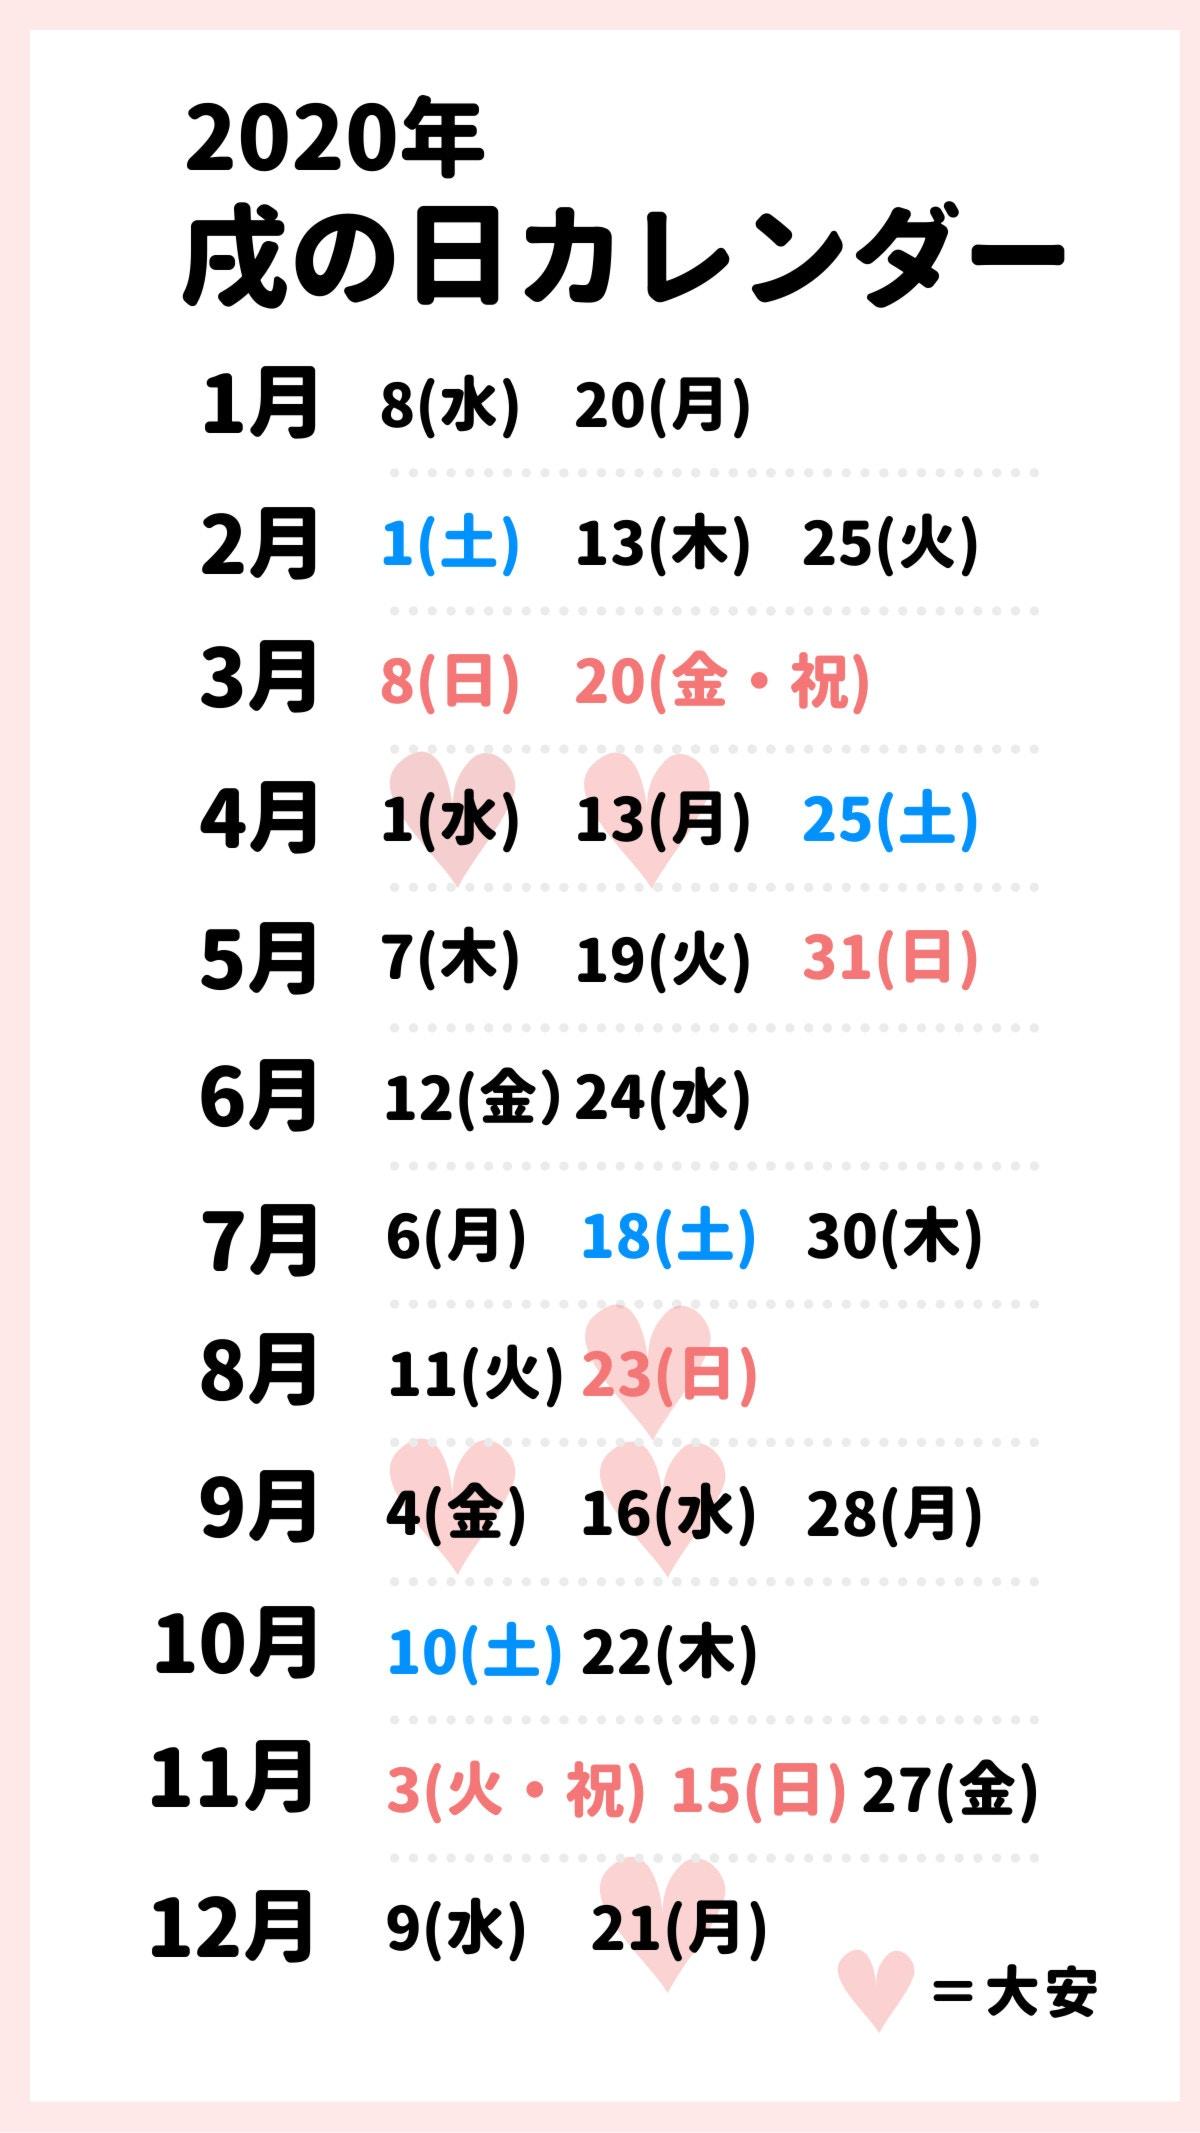 9 月 戌 の 日 2020 2020年旧暦表示カレンダー - accent.main.jp